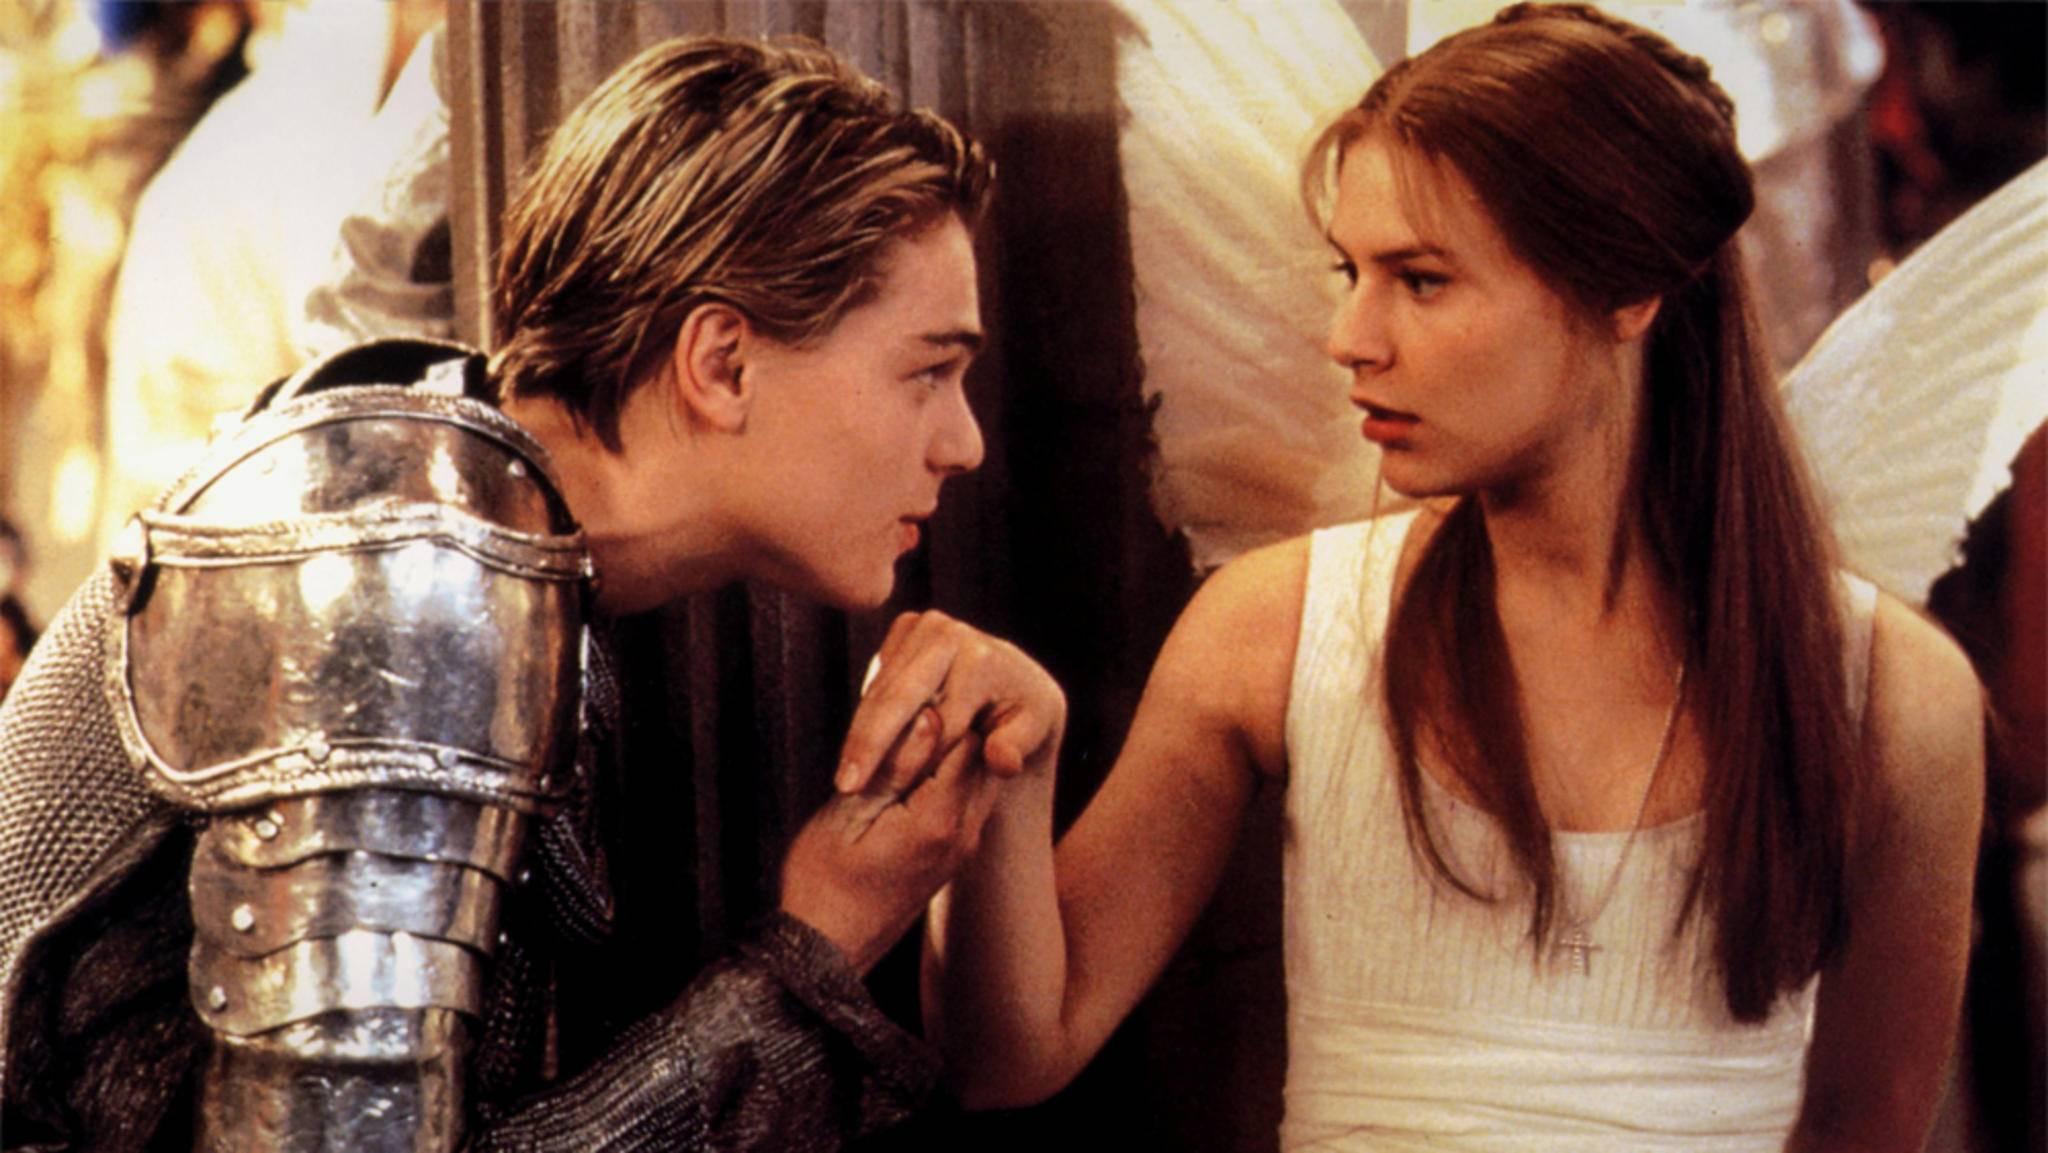 Romeo und Julia gehören zu den berühmtesten Filmpaaren des Kinos.